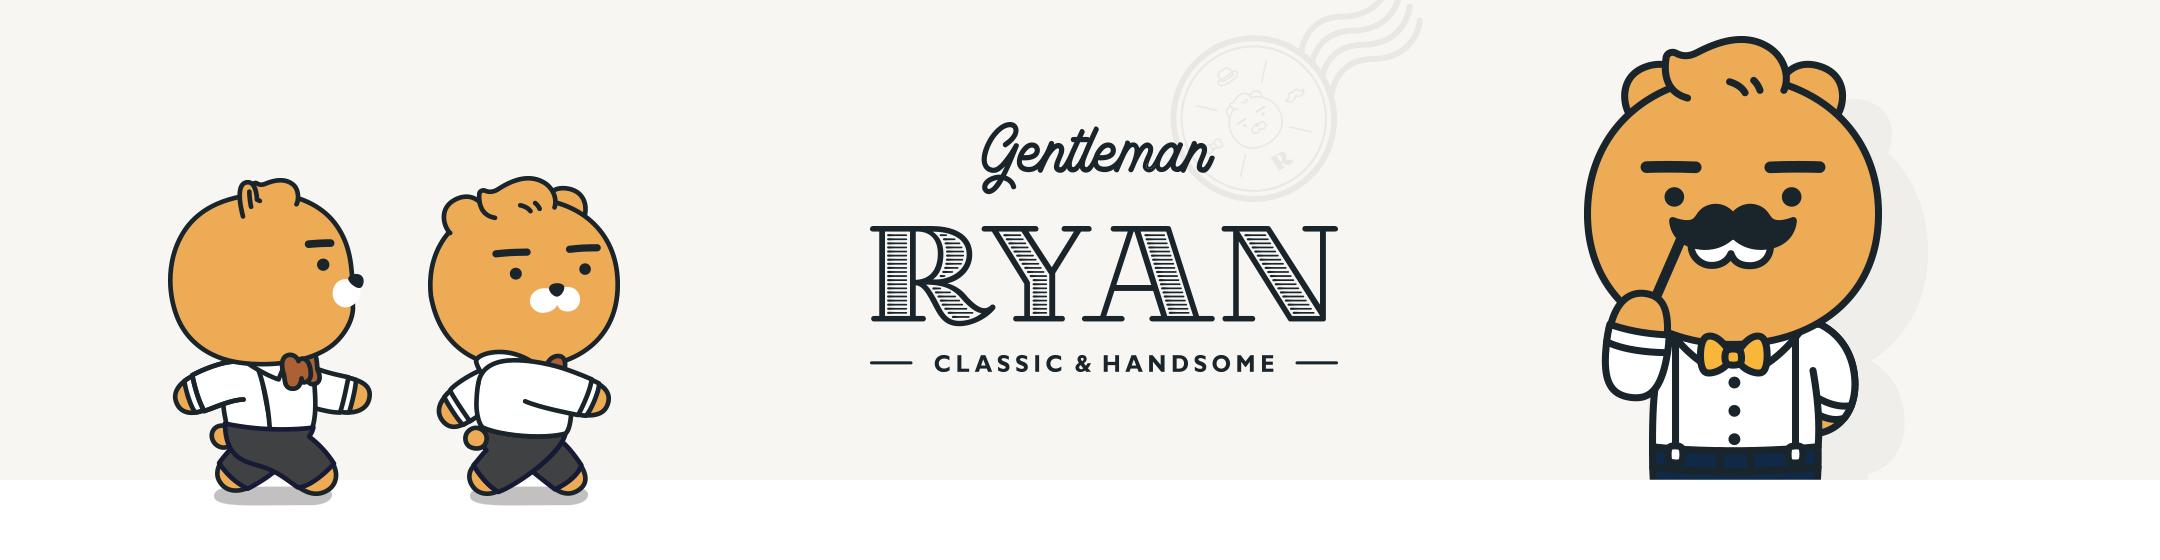 gentleman RYAN - CLASSIC & HANDSOME